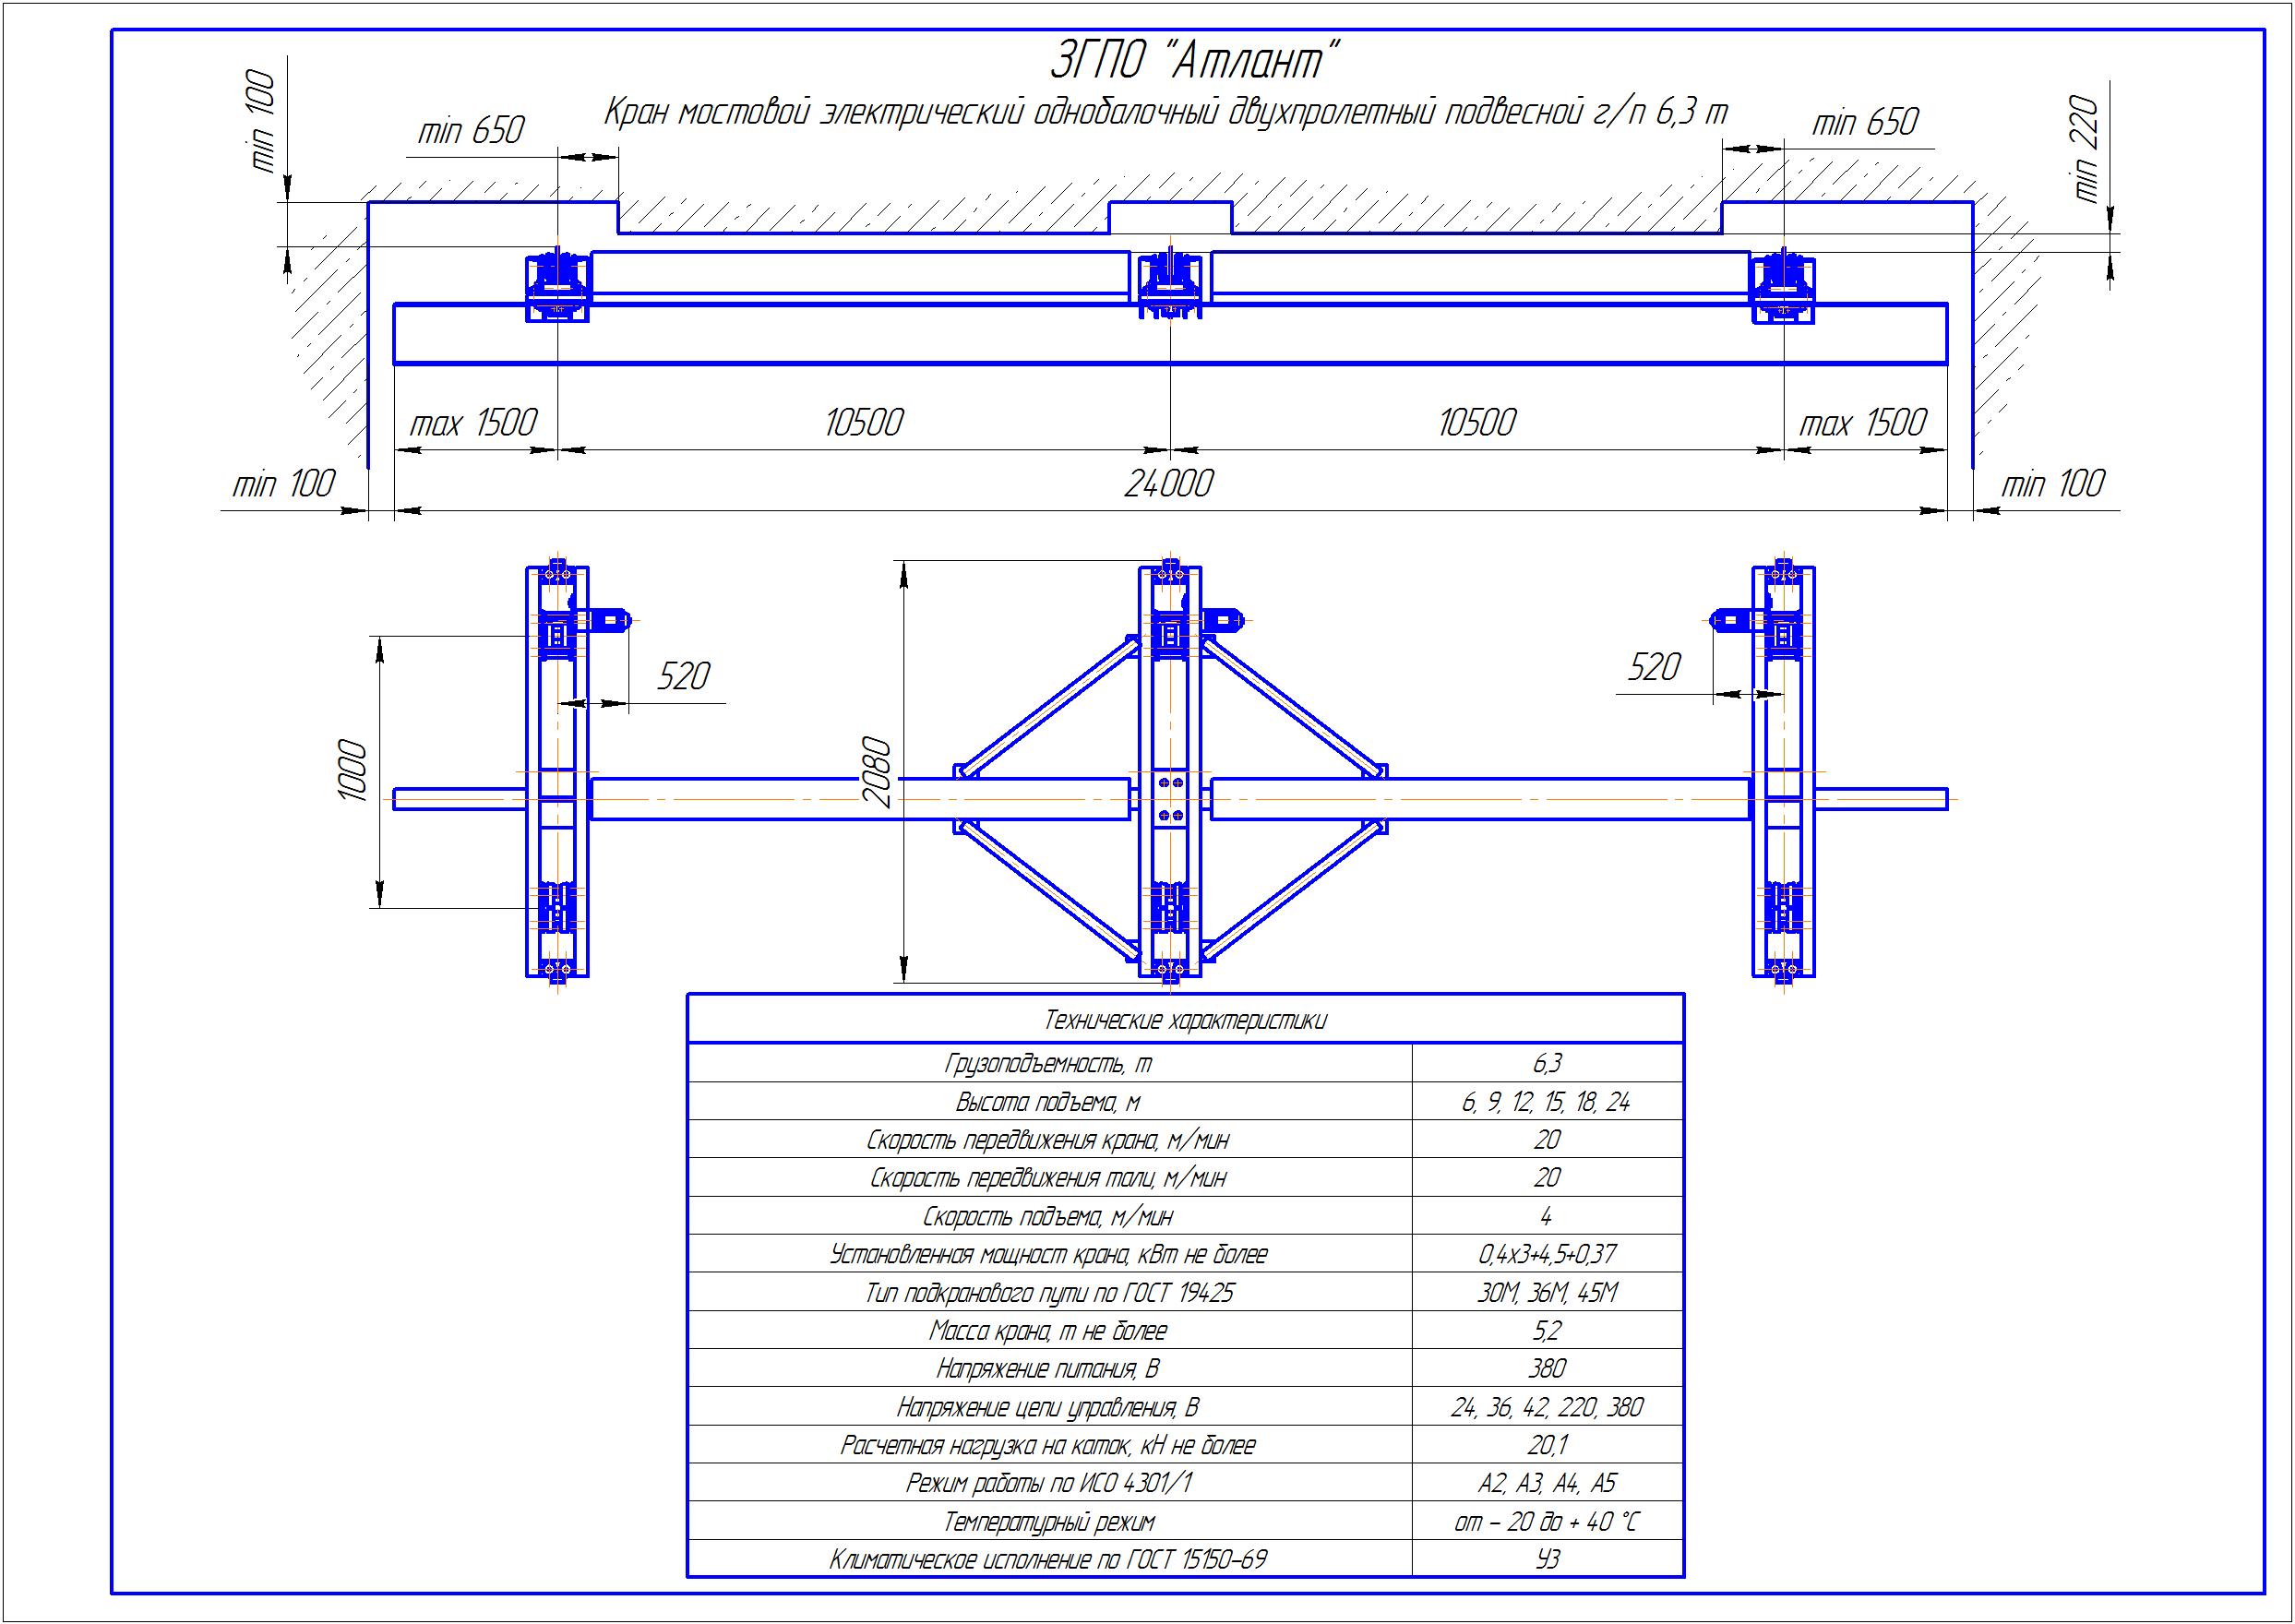 KBPD 5 3 - Подвесная кран балка двухпролетная